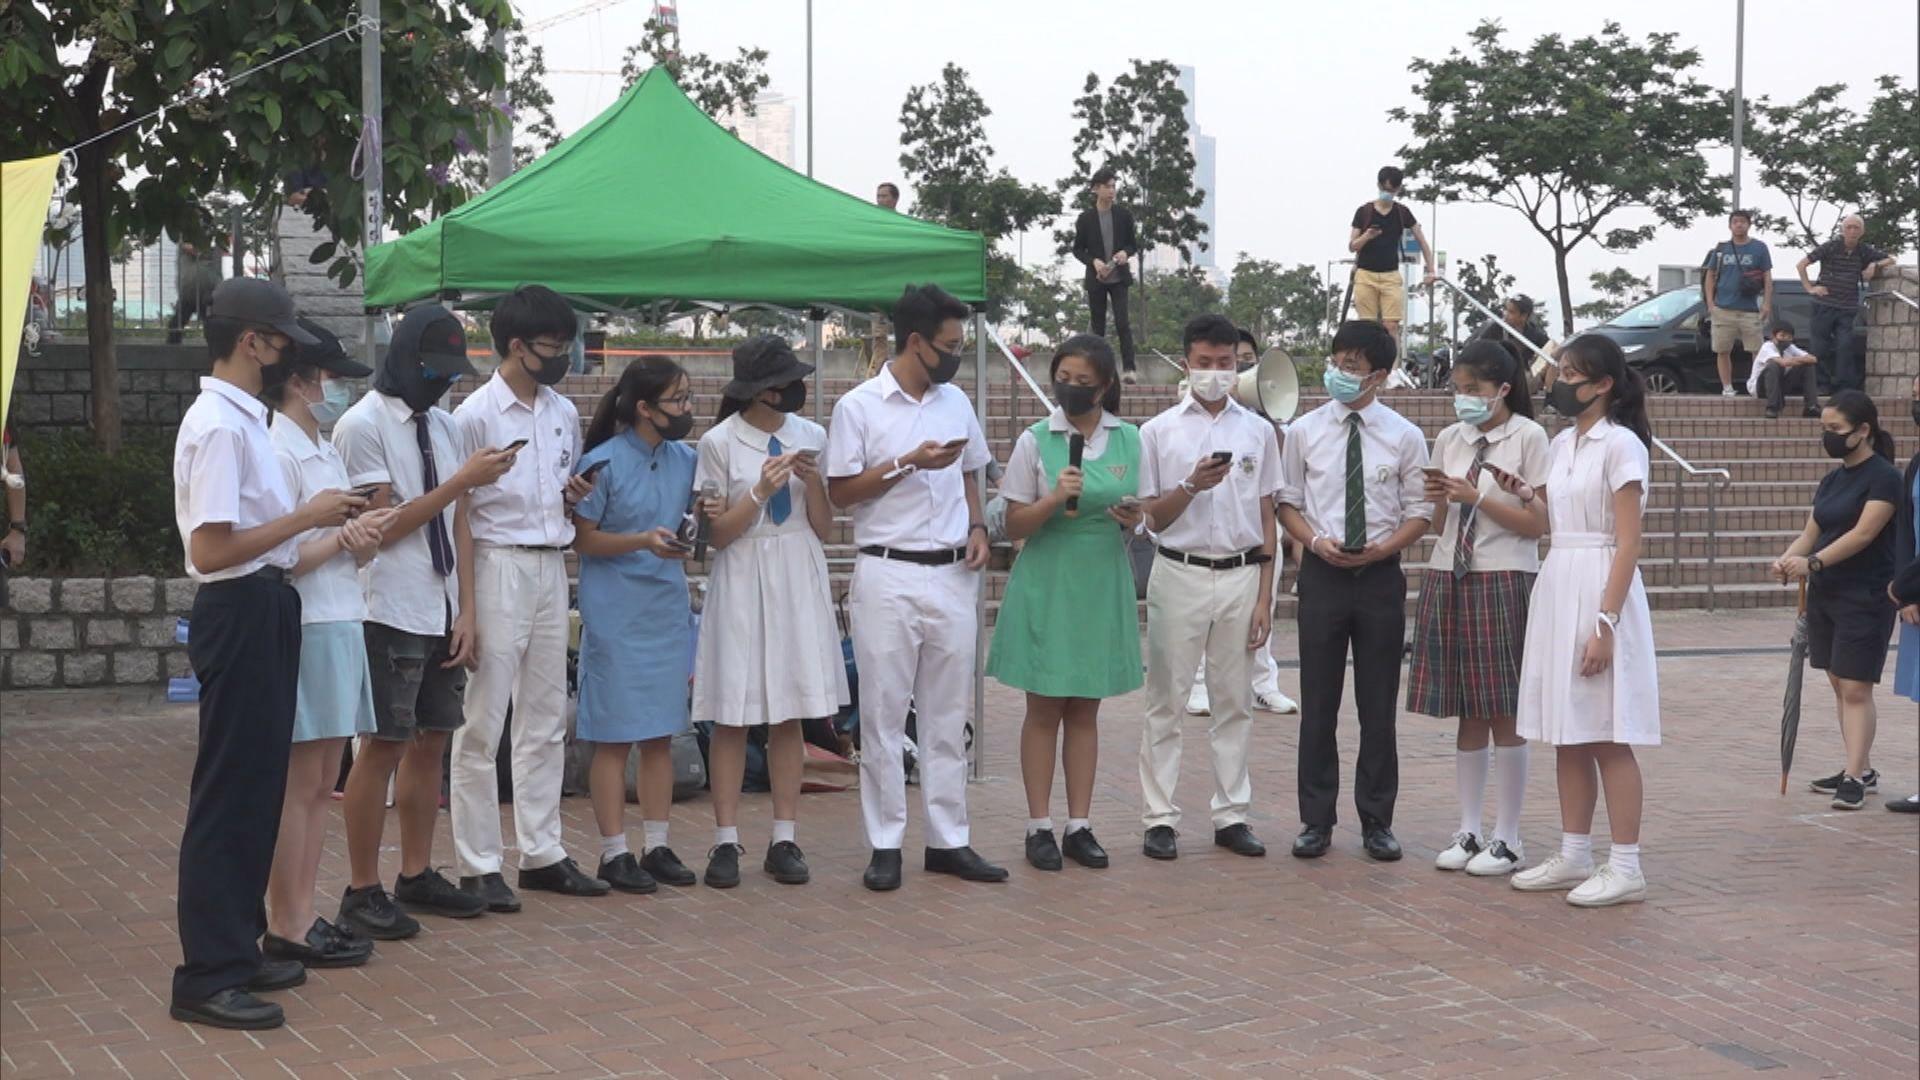 百名中學生砌出FREE HK字樣